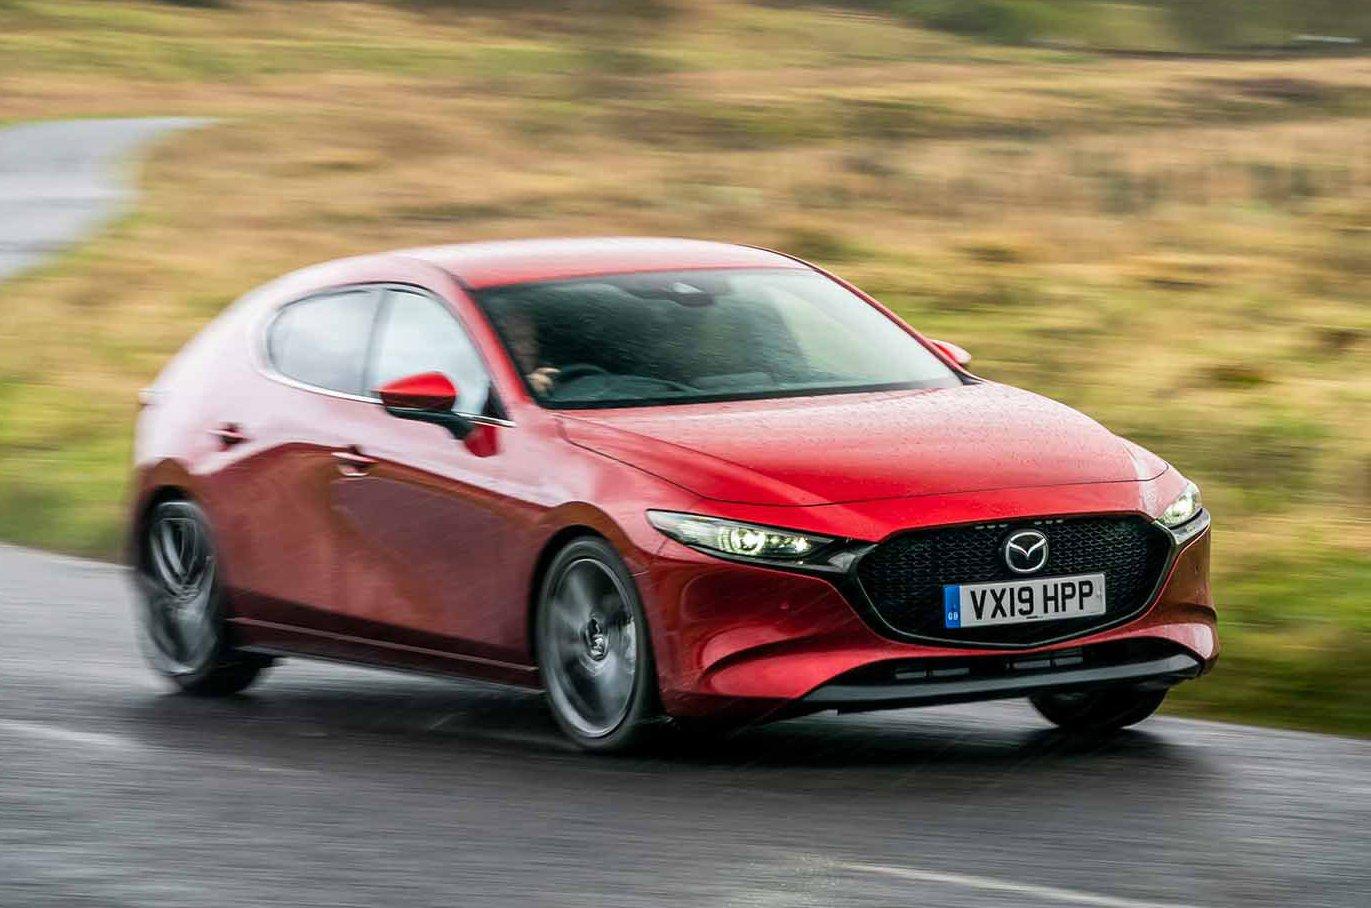 2019 Mazda 3 front